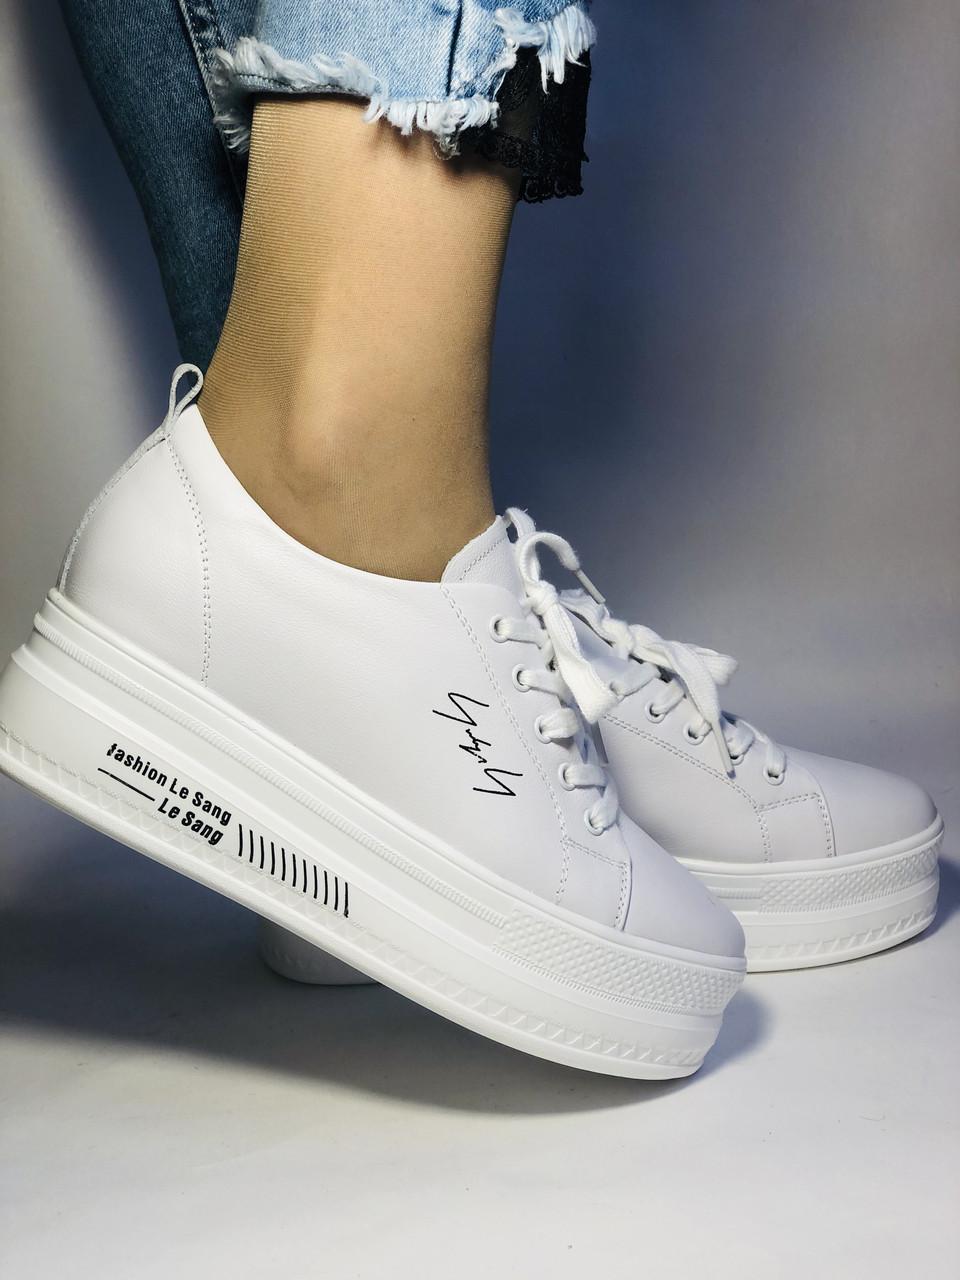 Стильные женские кеды-кроссовки белые на платформе.Натуральная кожа. Высокое качество  37 Vellena